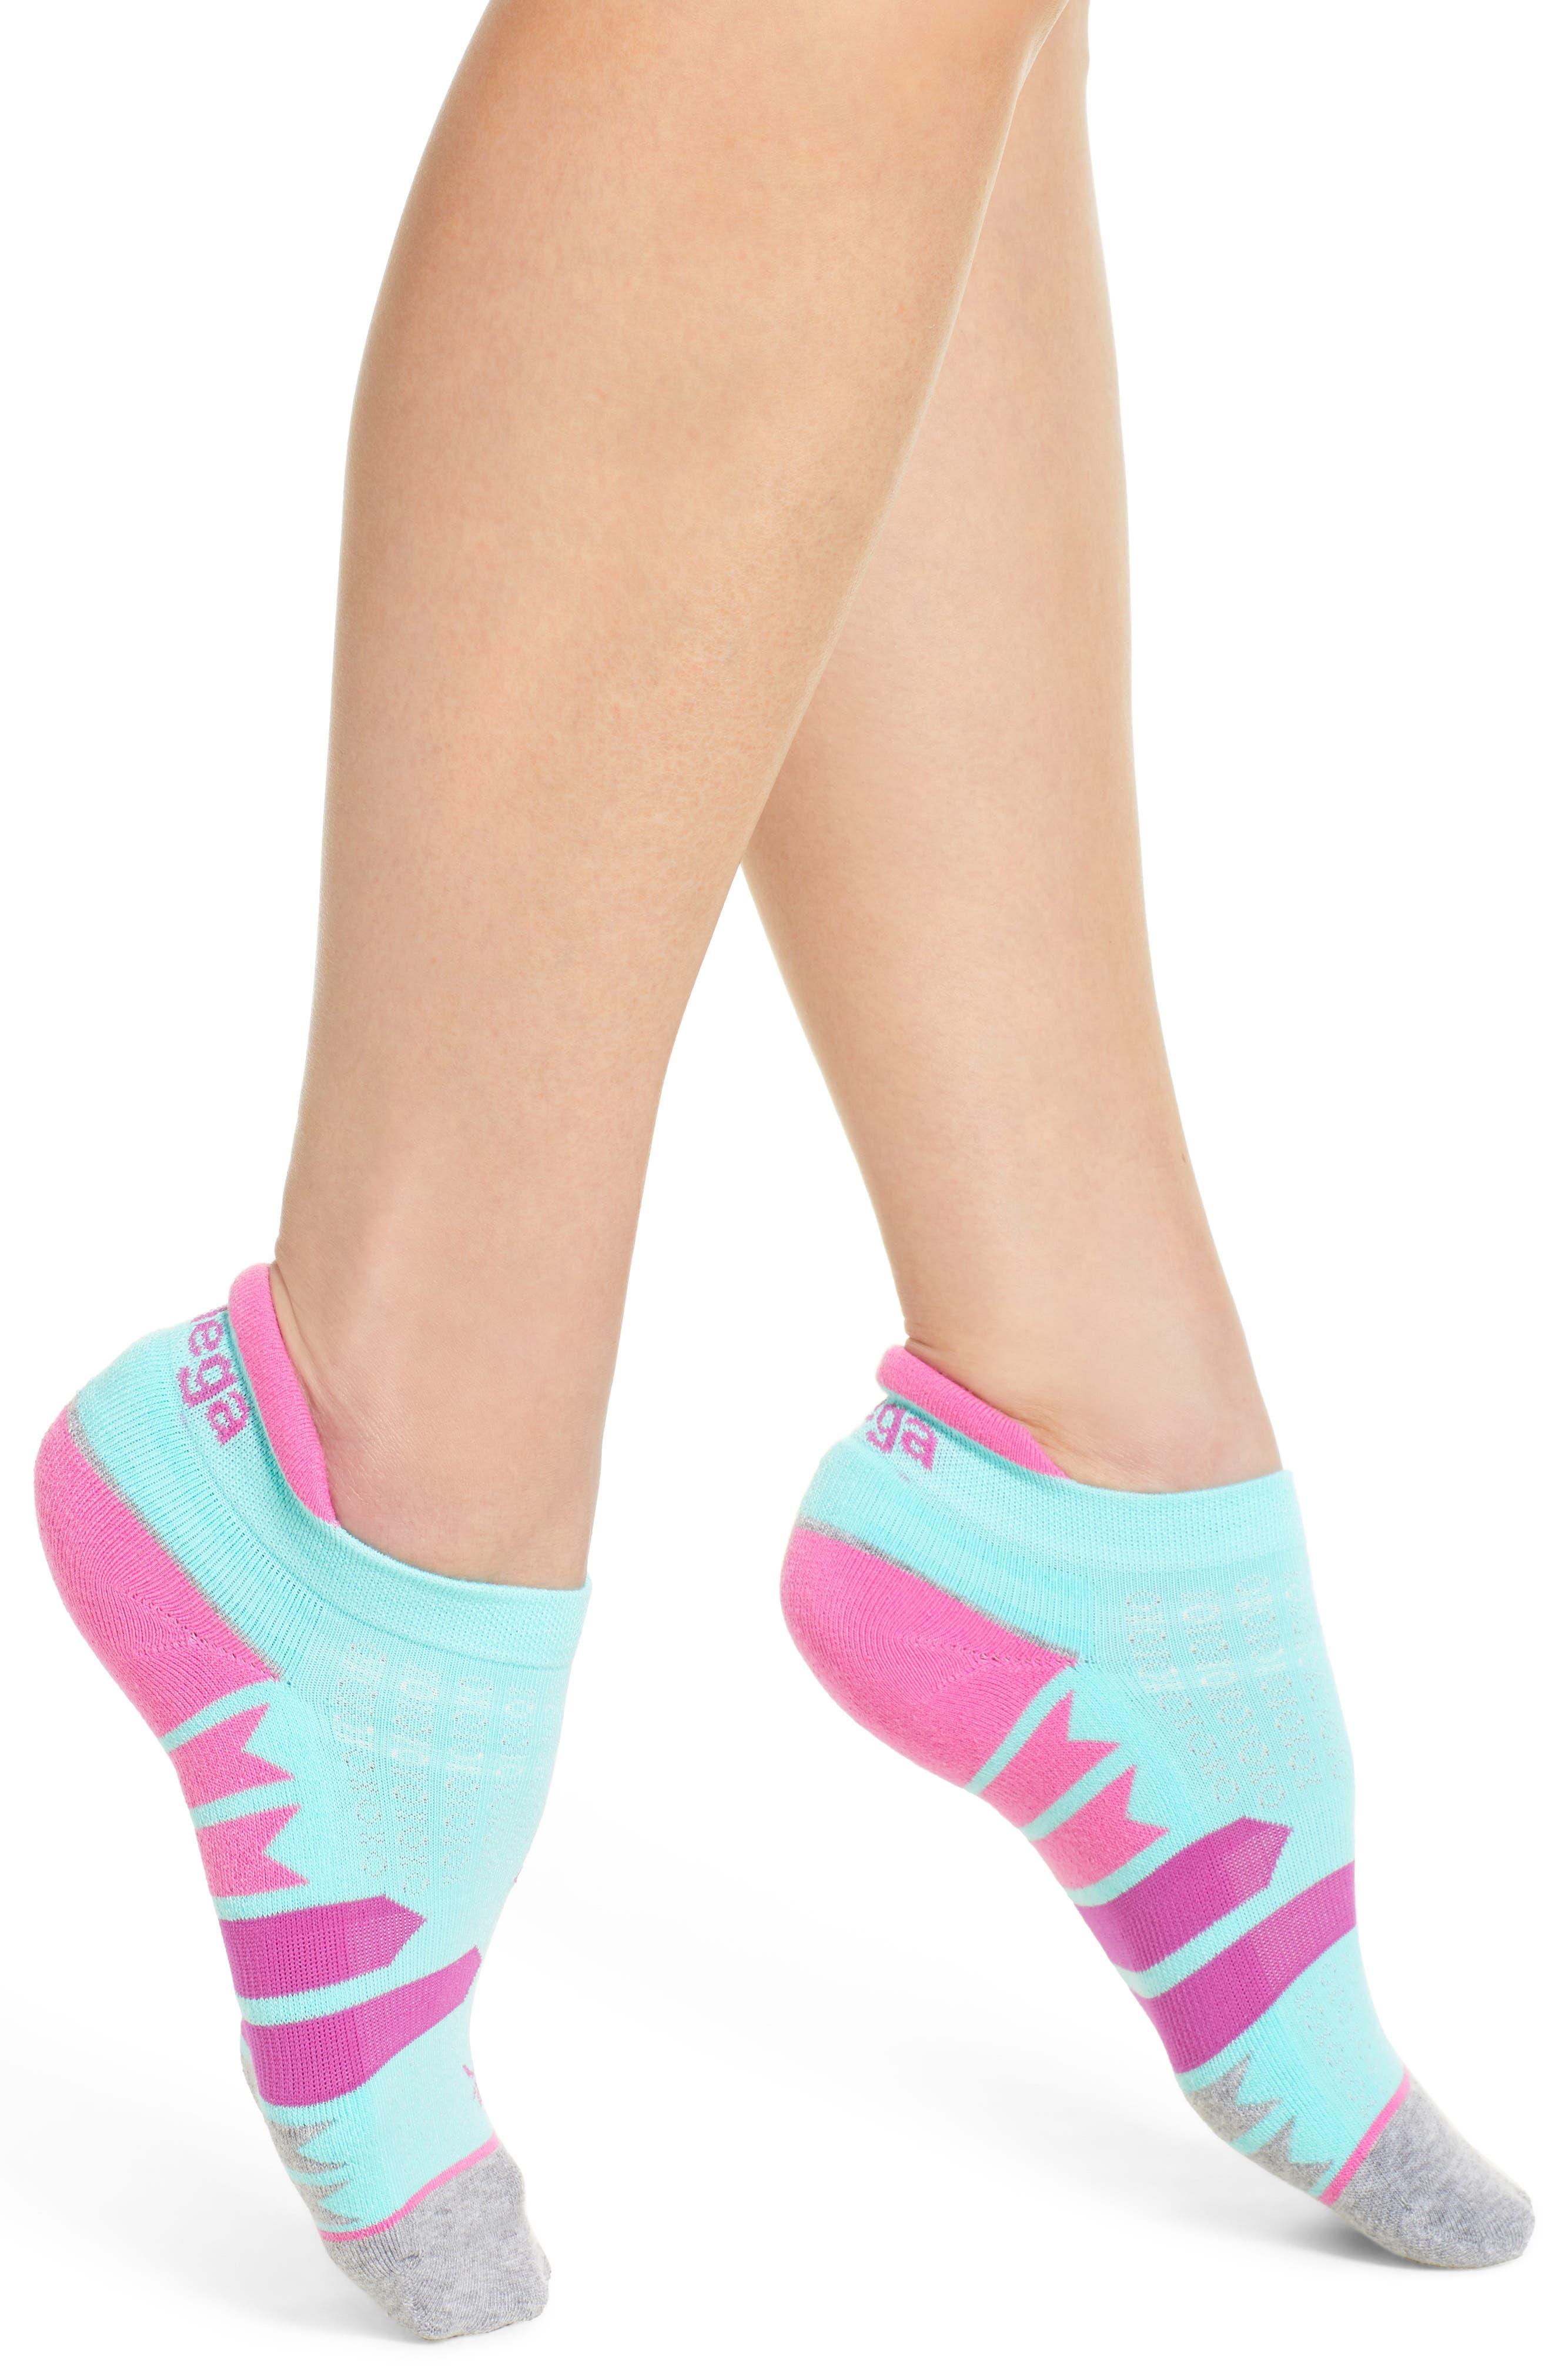 Enduro No-Show Running Socks,                             Main thumbnail 1, color,                             400